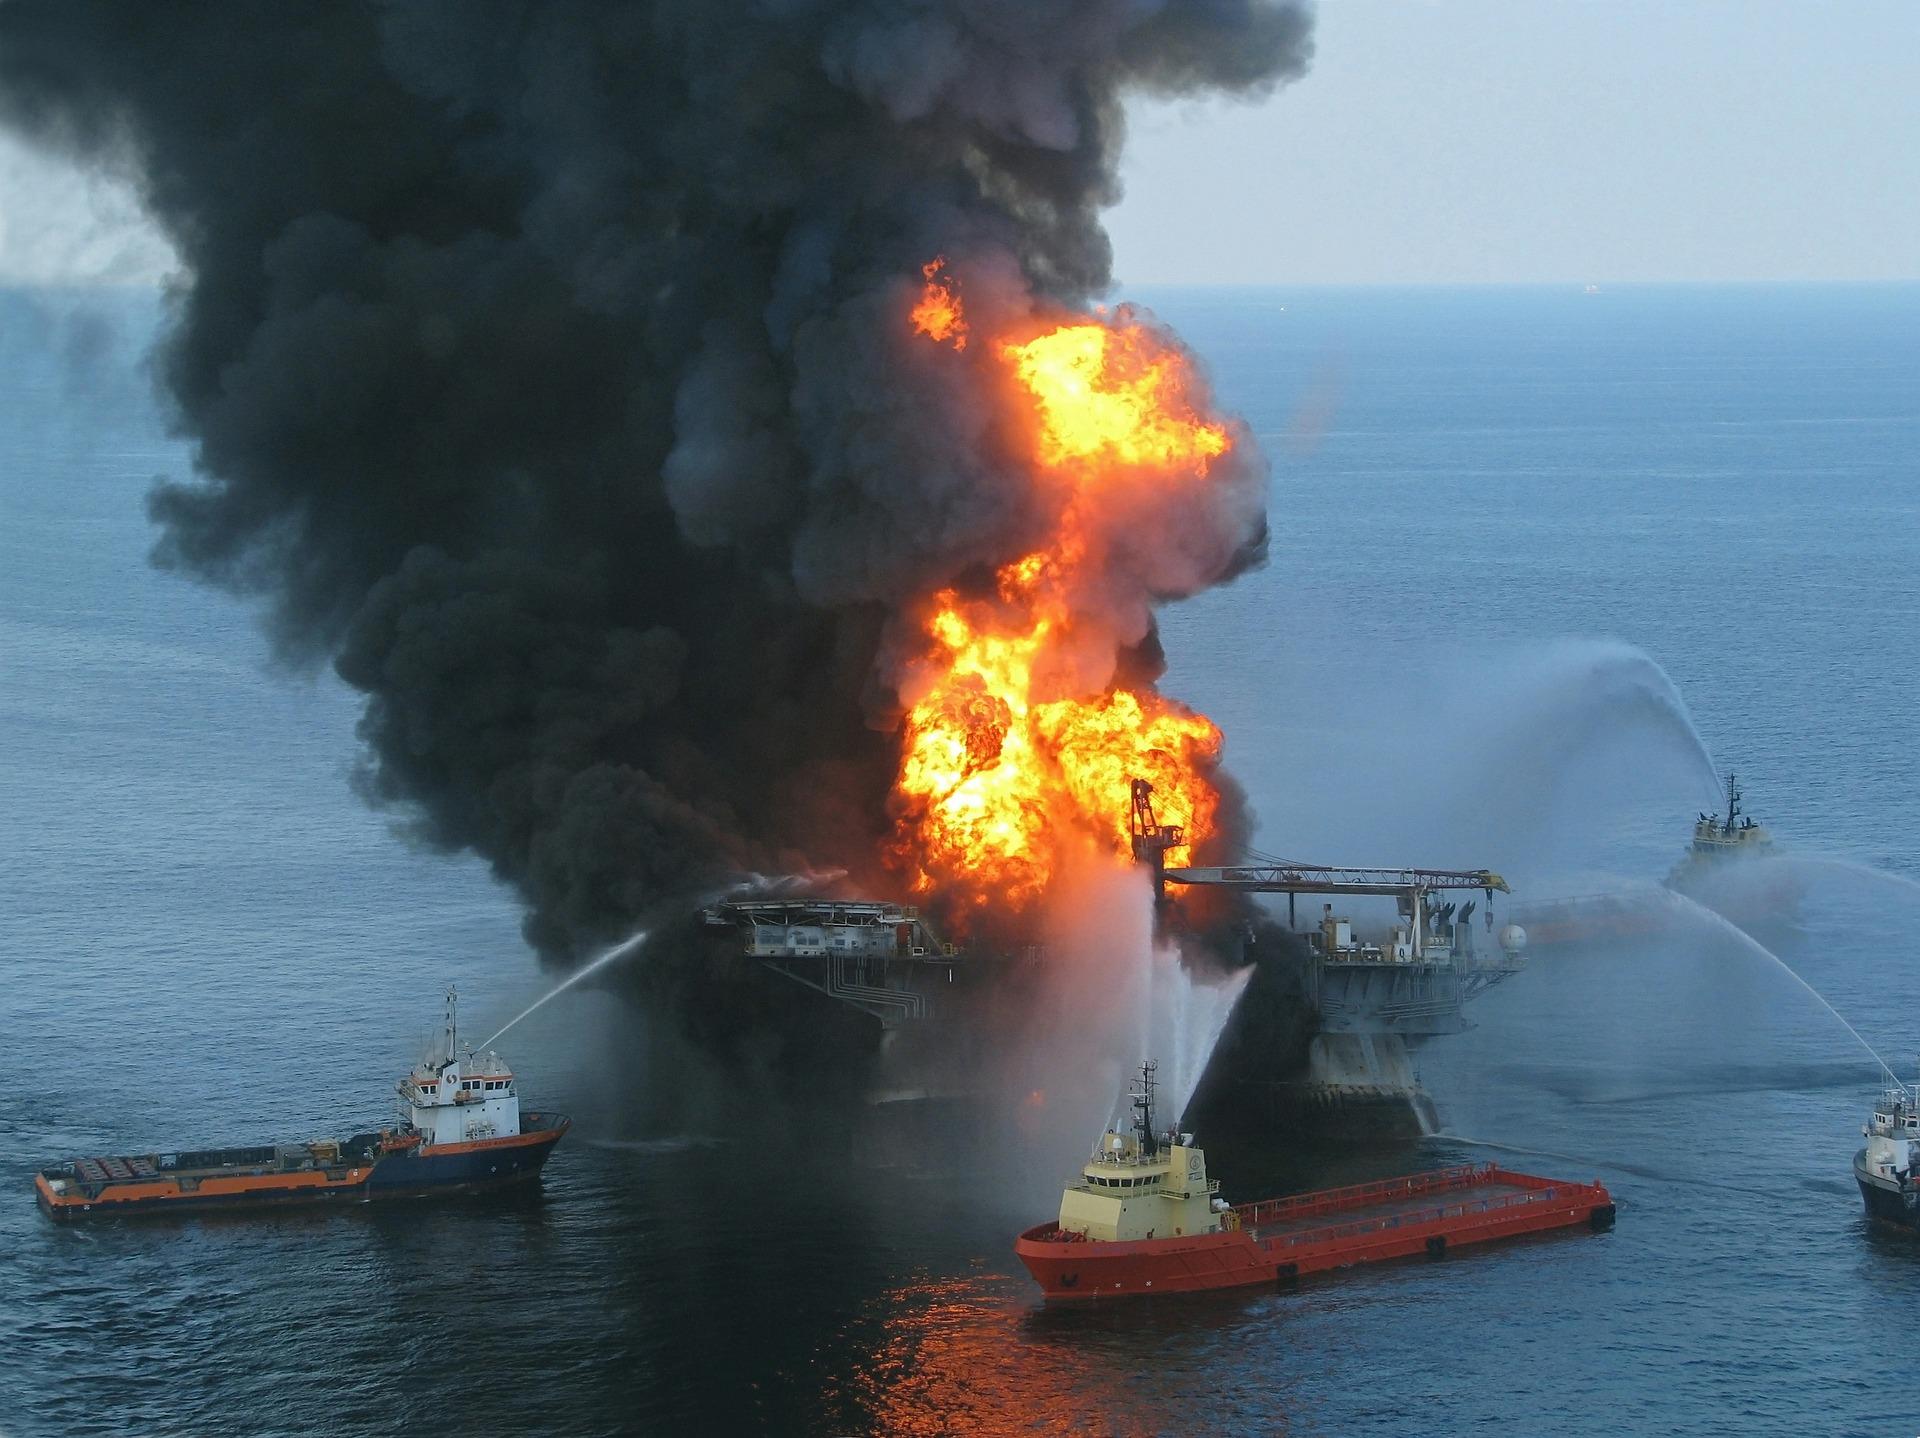 Risk Management Oil Rig